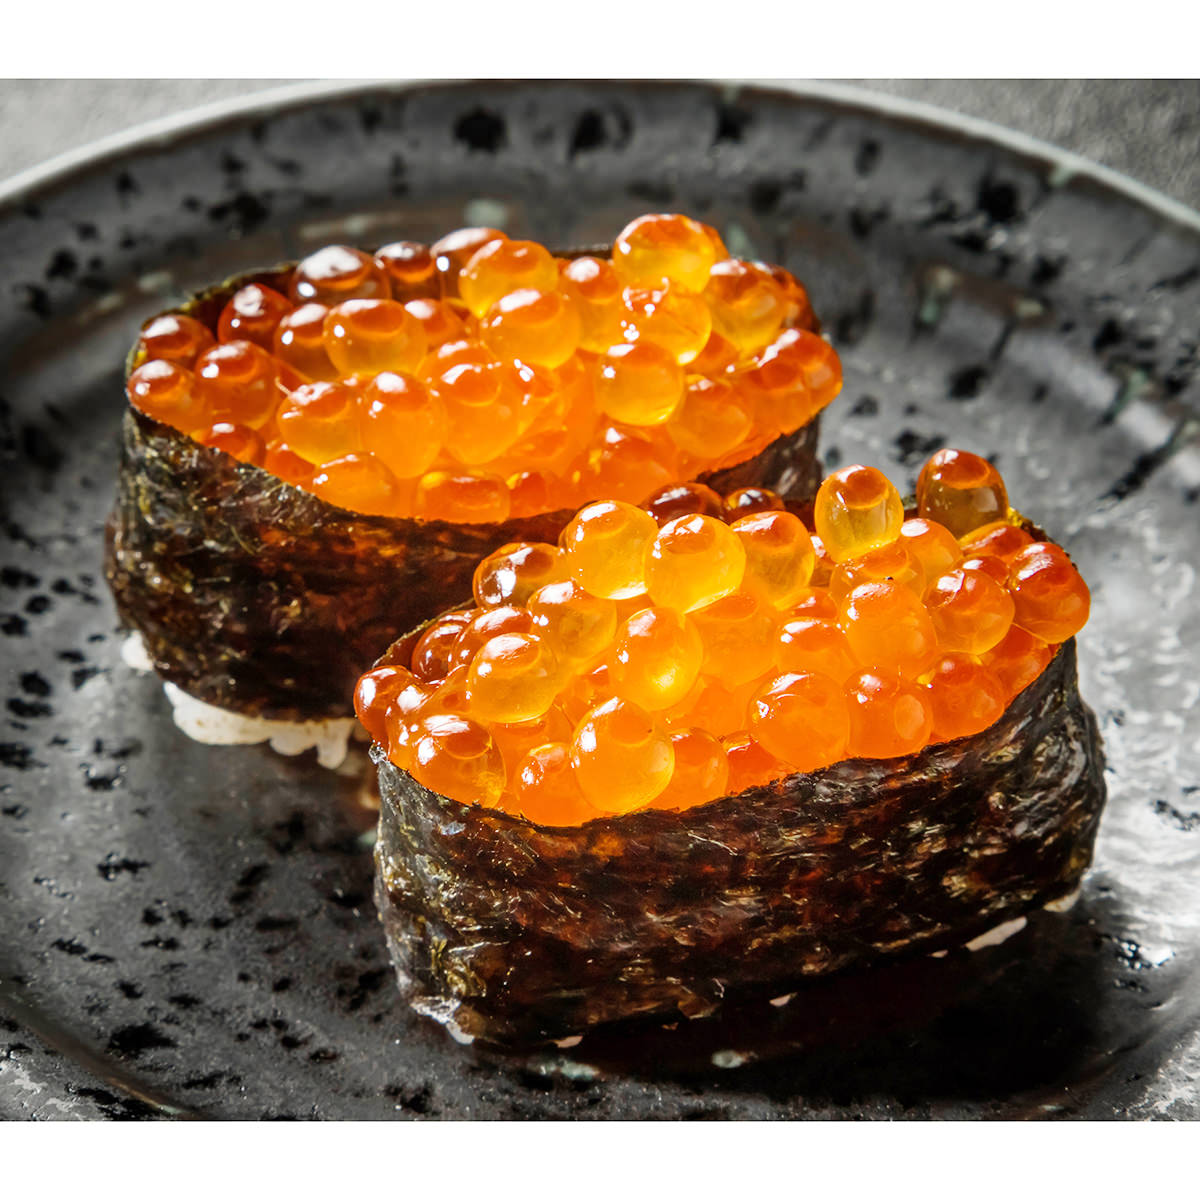 いくら醤油漬 オホーツク名産 〔100g×2〕 いくら 魚介類 北海道 そうべい